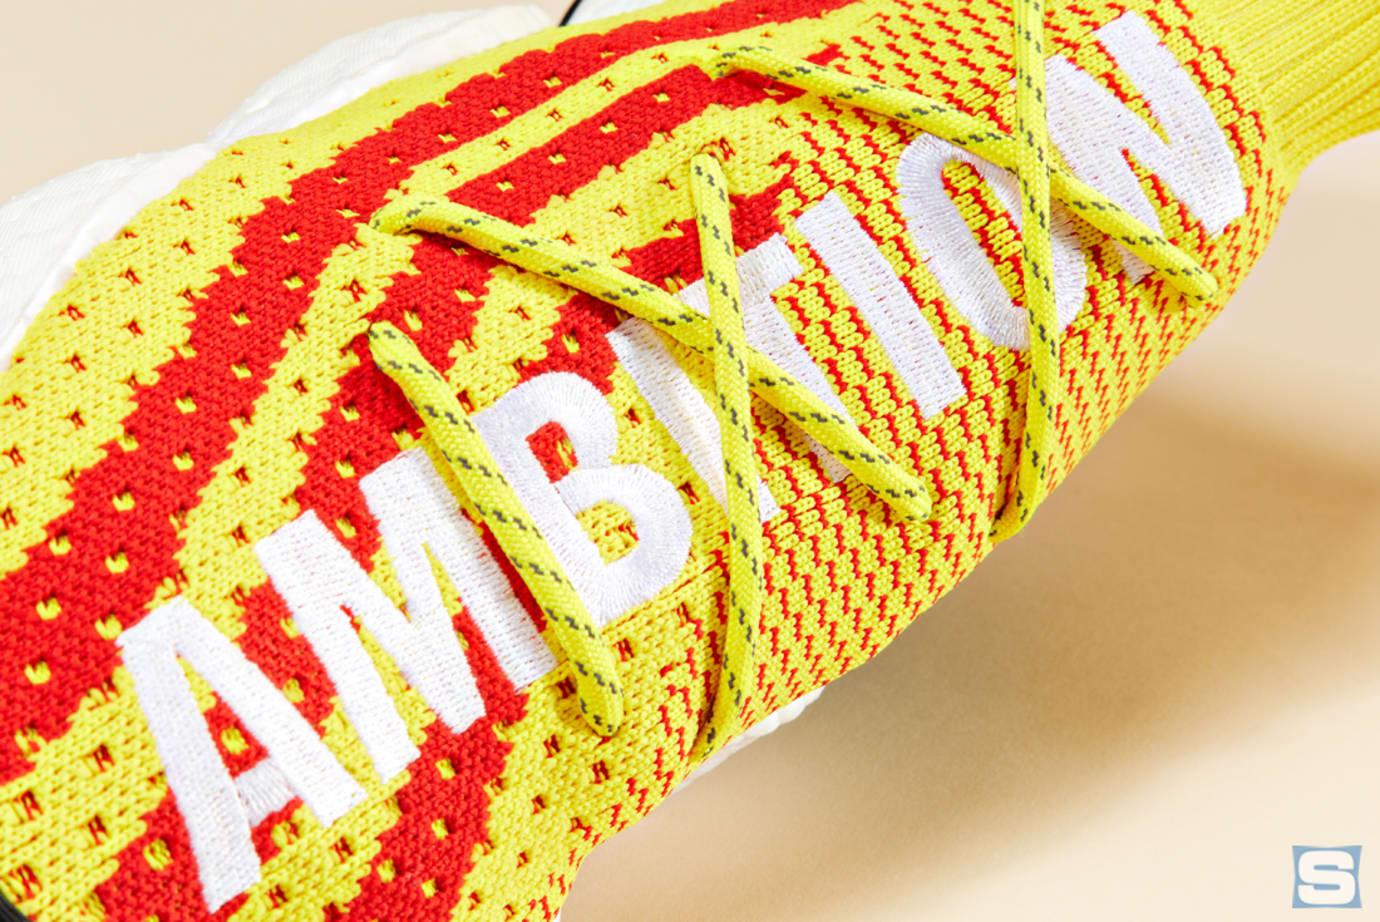 Adidas Pharrell Williams Boost Year Wear Stitching